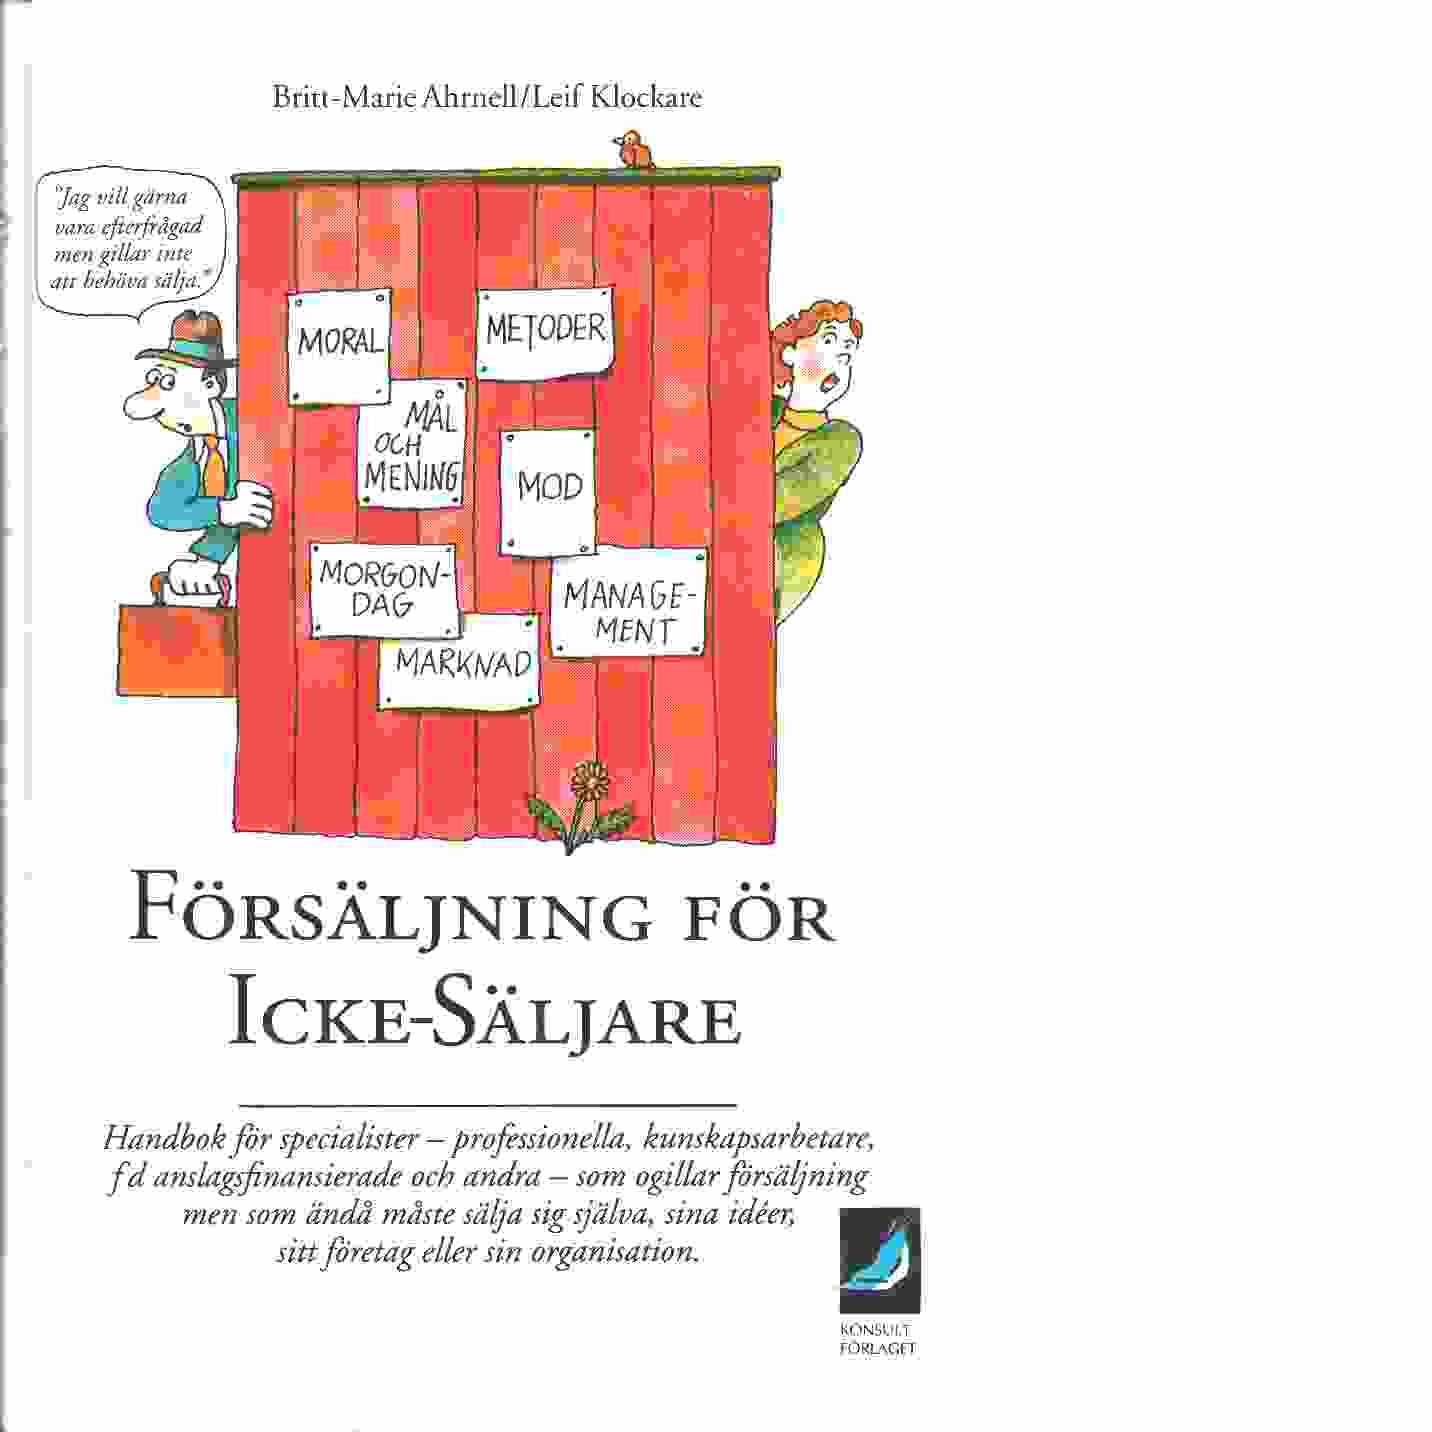 Försäljning för icke-säljare : handbok för specialister - professionella, kunskapsarbetare, fd anslagsfinansierade och andra - Ahrnell, Britt-Marie och Klockare, Leif